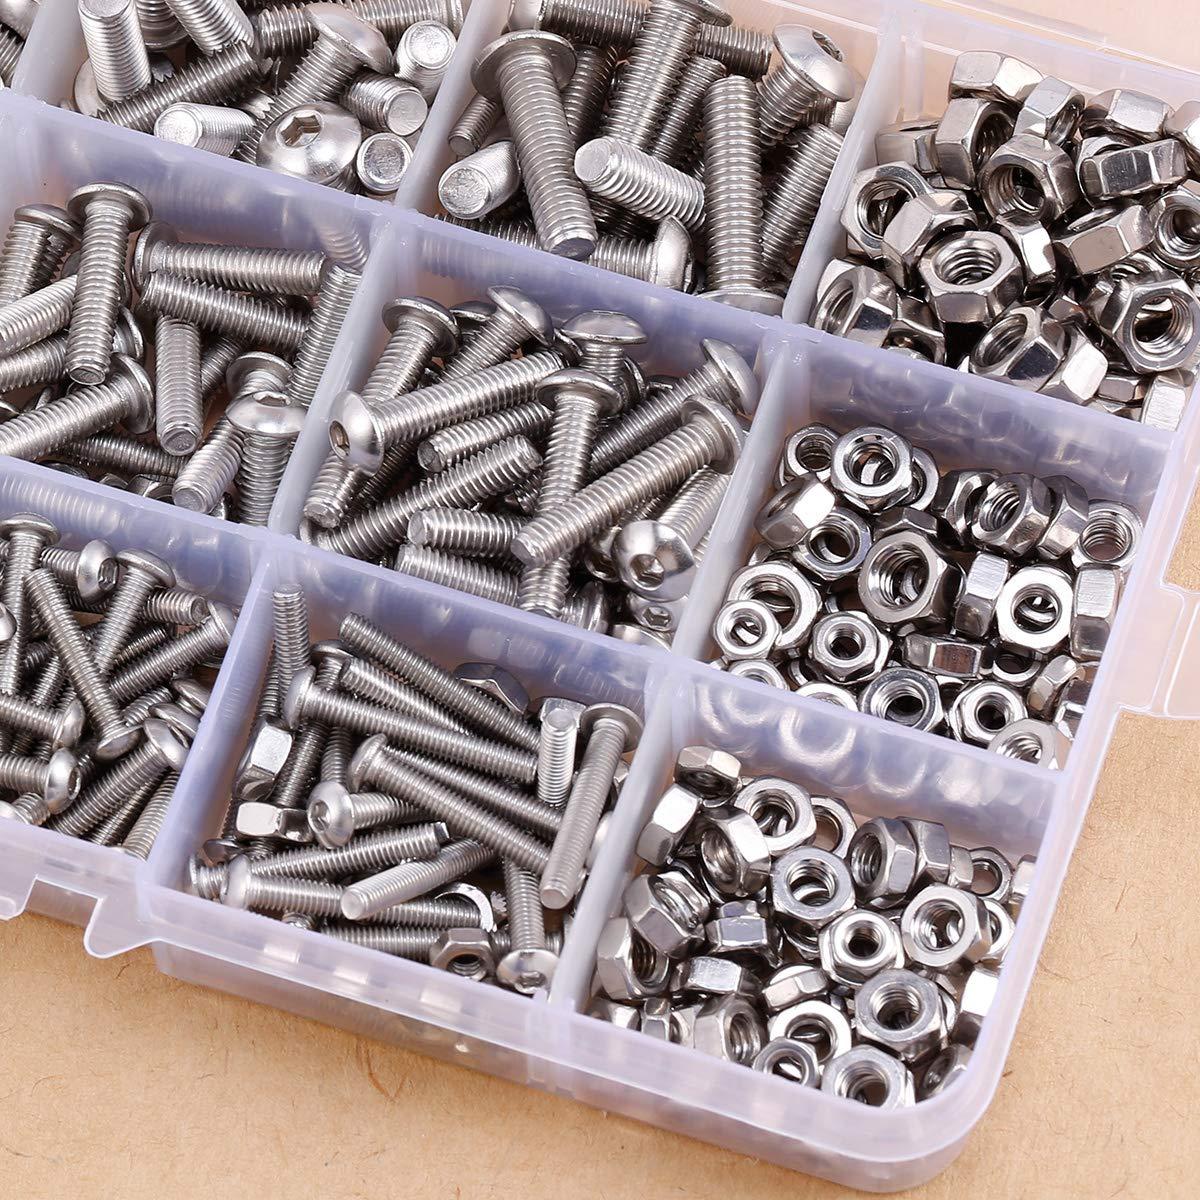 520/pcs M3/M4/M5/Vis /à t/ête hexagonale Boulons /Écrous Ensemble en acier inoxydable kit assortis